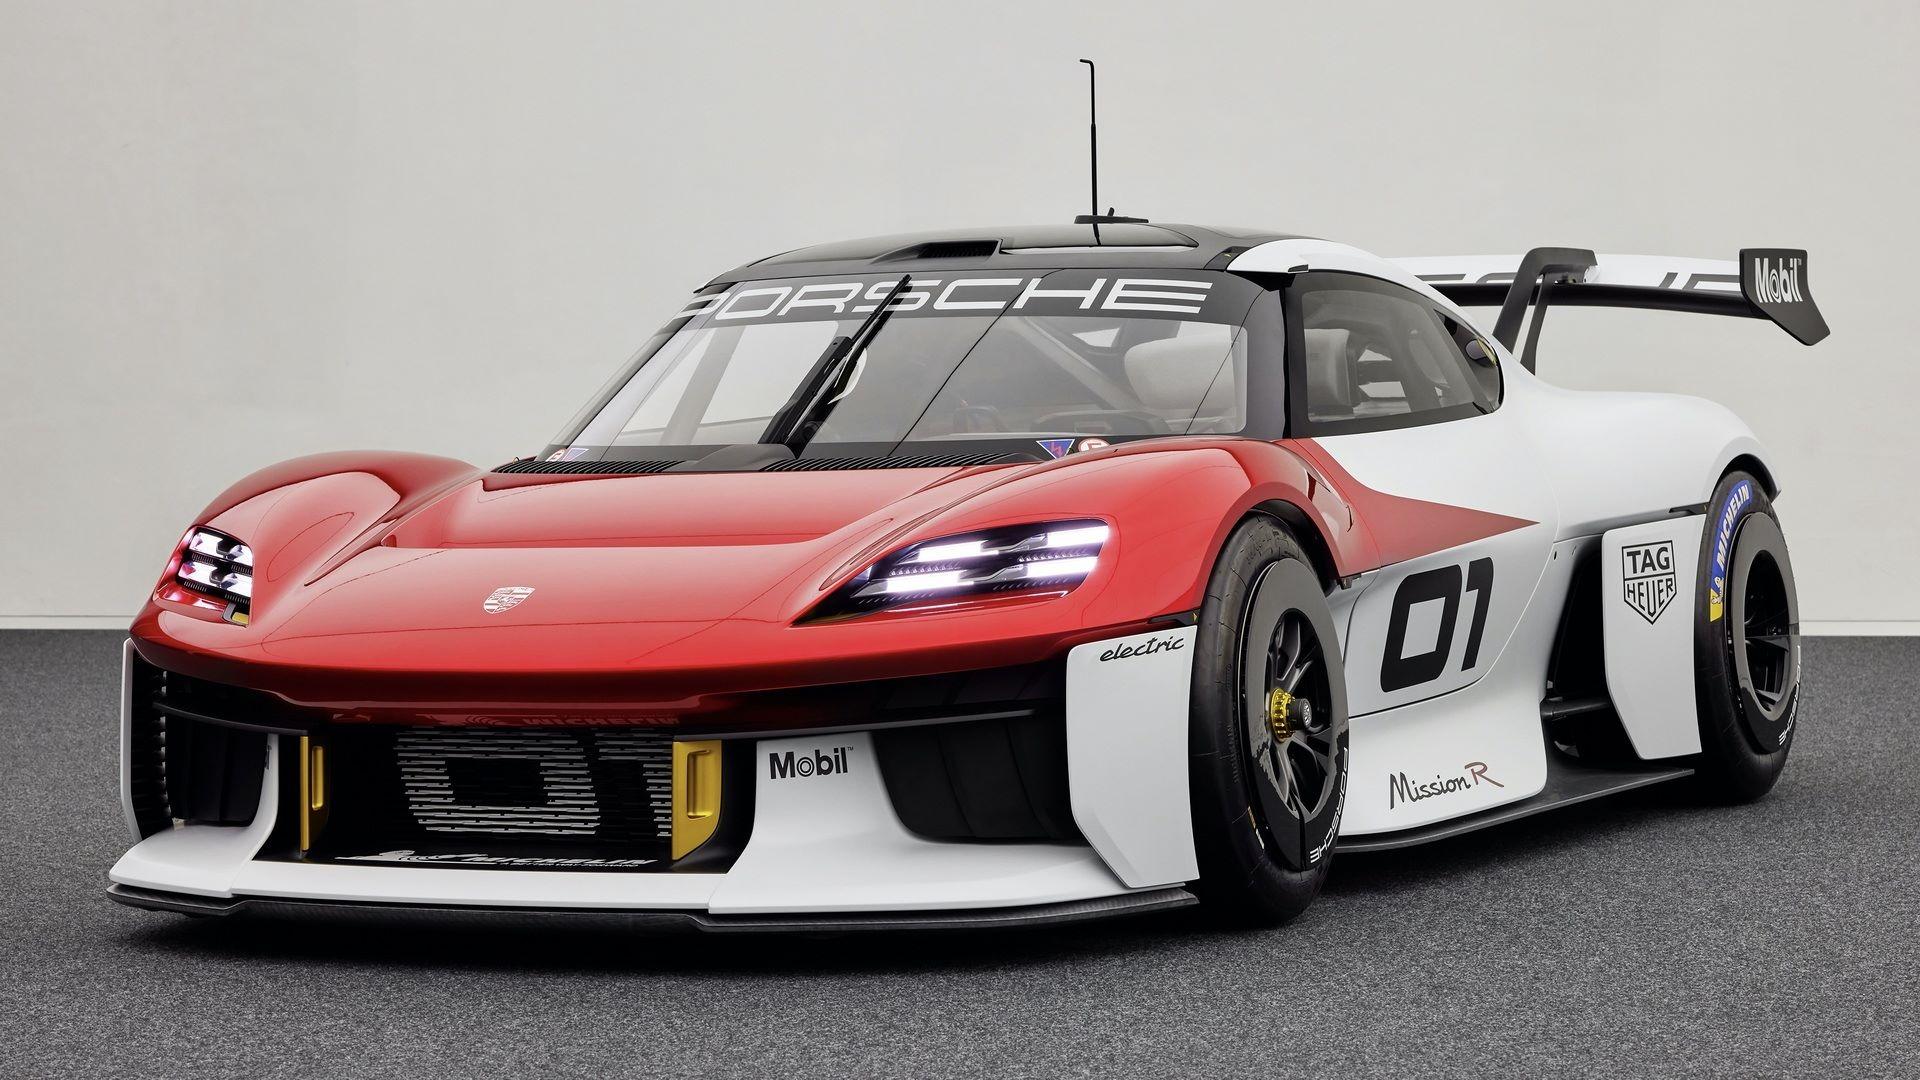 Porsche-Mission-R-concept-development-5